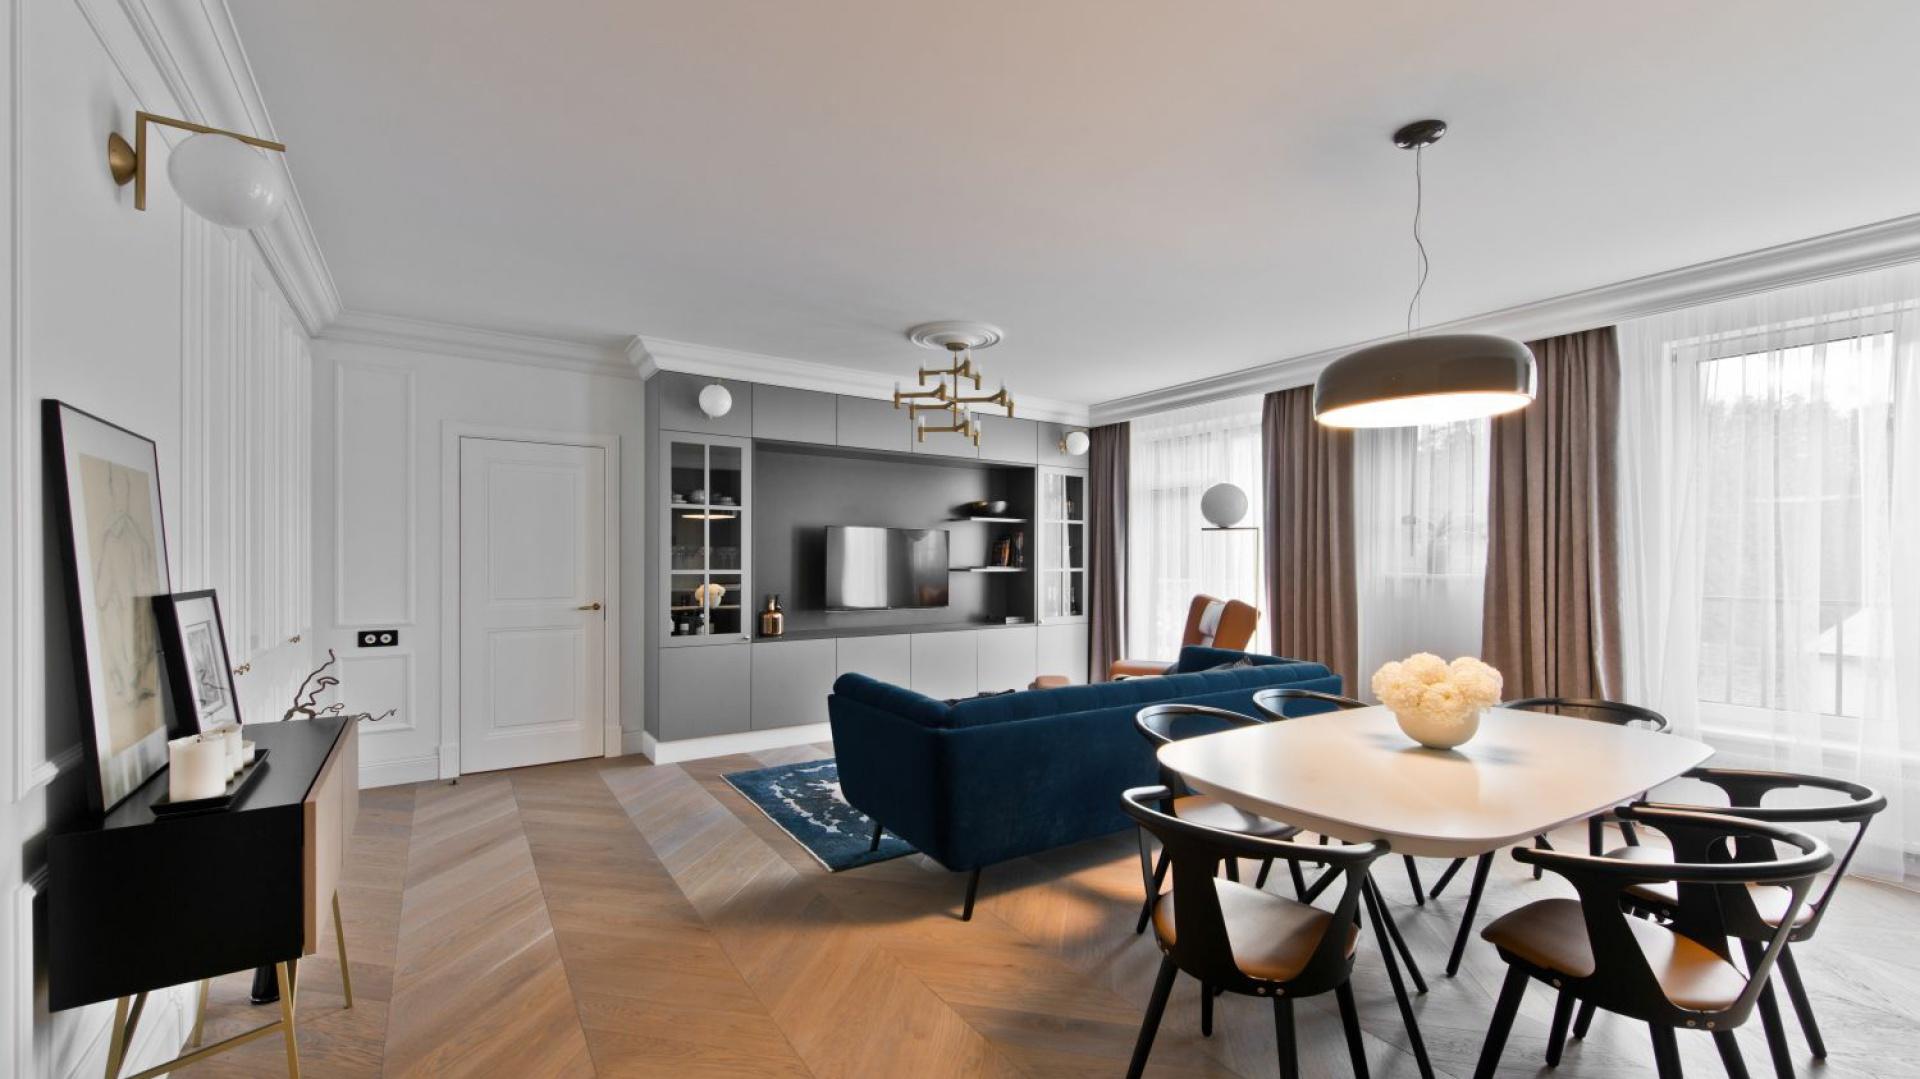 Naturalny parkiet ułożony w klasyczną francuską jodełkę ociepla wizualnie mieszkanie i wspólnie z ciężkimi zasłonami w oknach i aksamitną tapicerką kanapy nadaje mu przytulny charakter. Projekt: Indre Sunklodiene. Fot. Leon Garbačauskas.